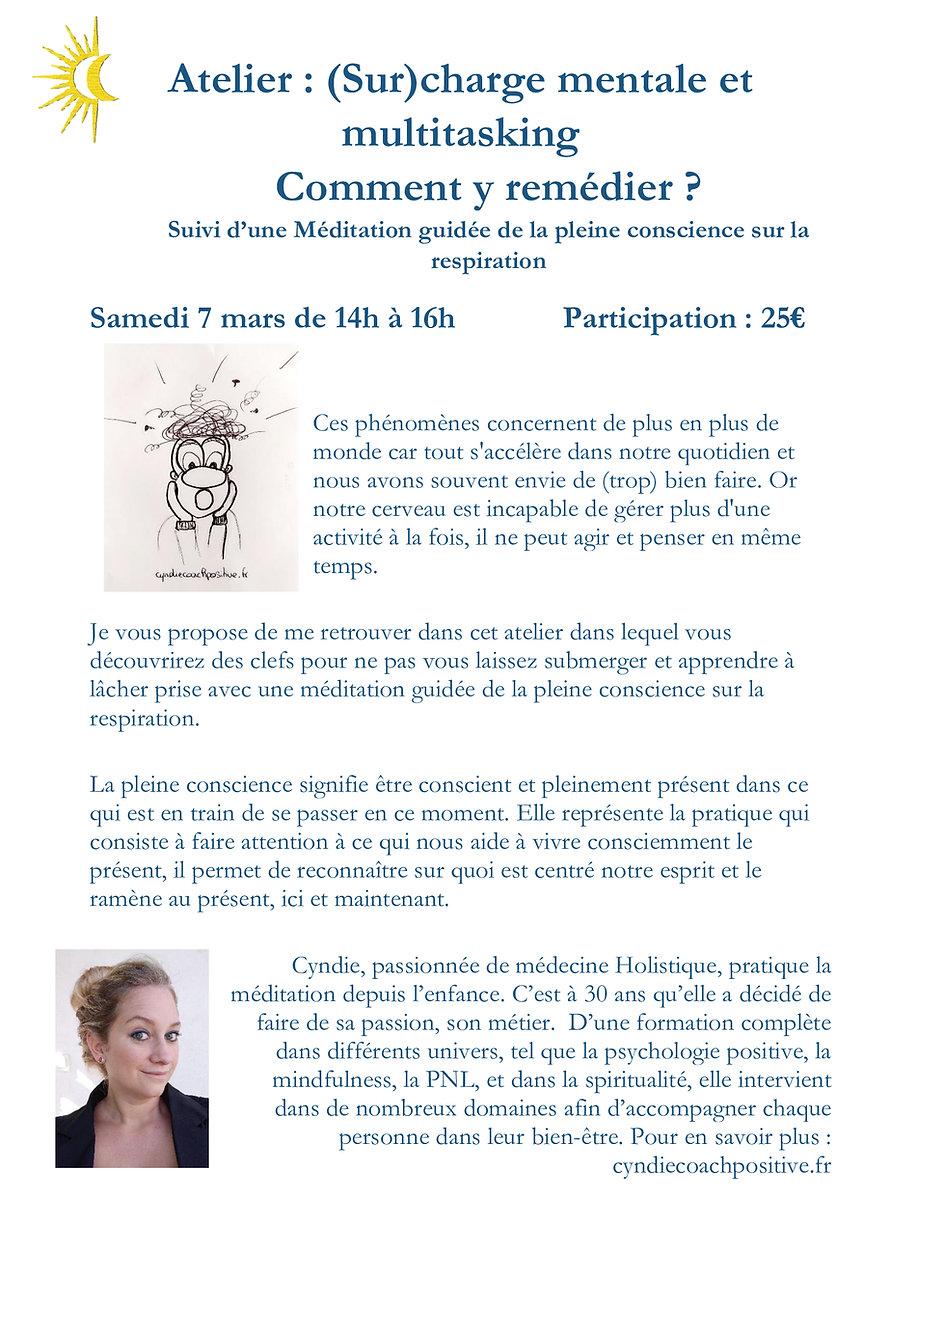 Atelier-Cyndie-Surcharge-mentale.jpg